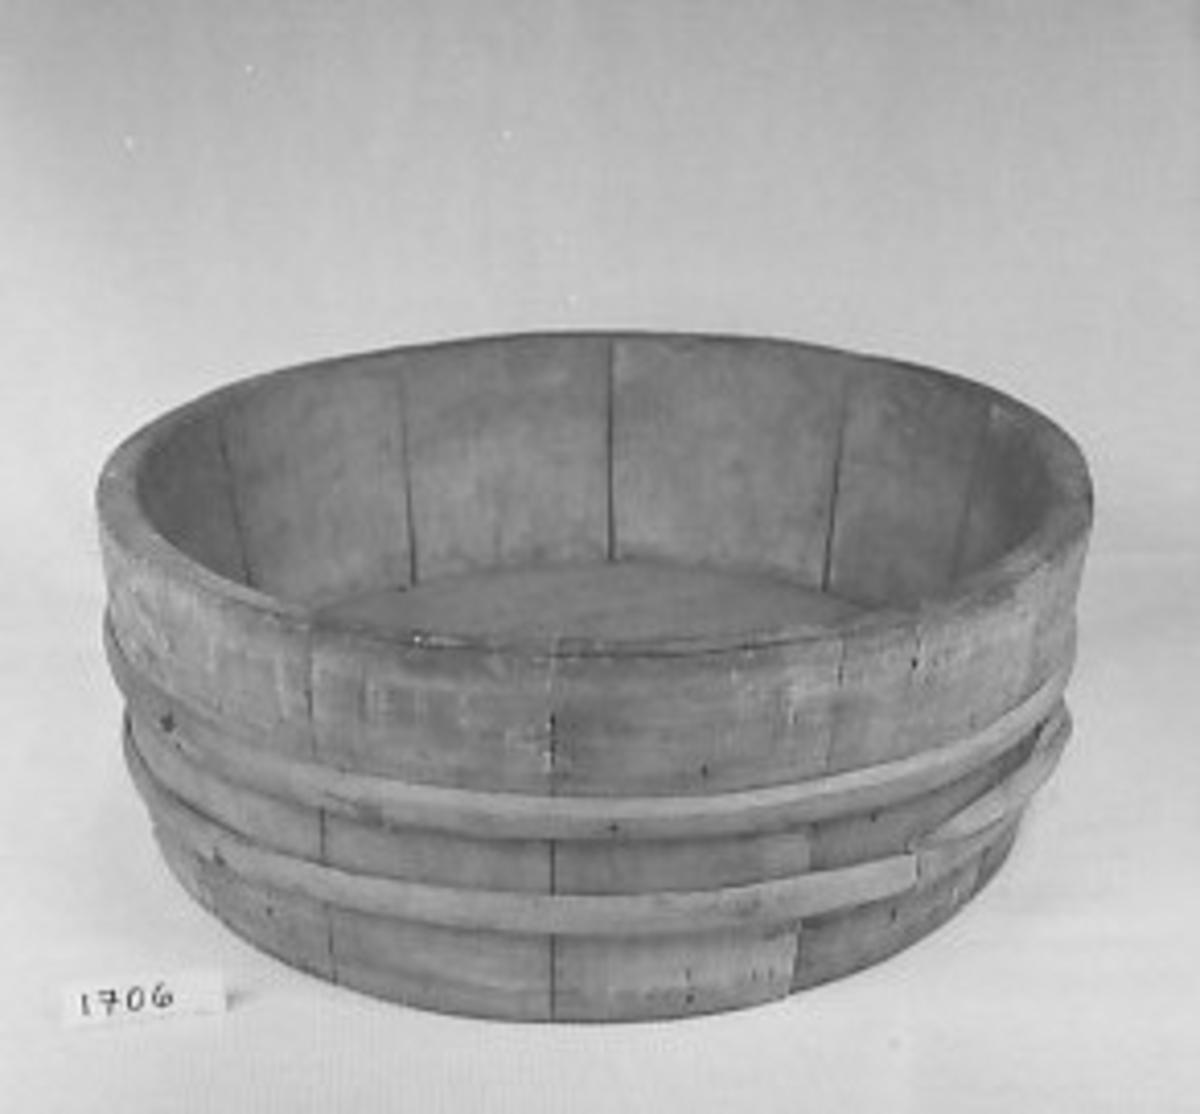 Form: Som 1703, men bare 2 bånd